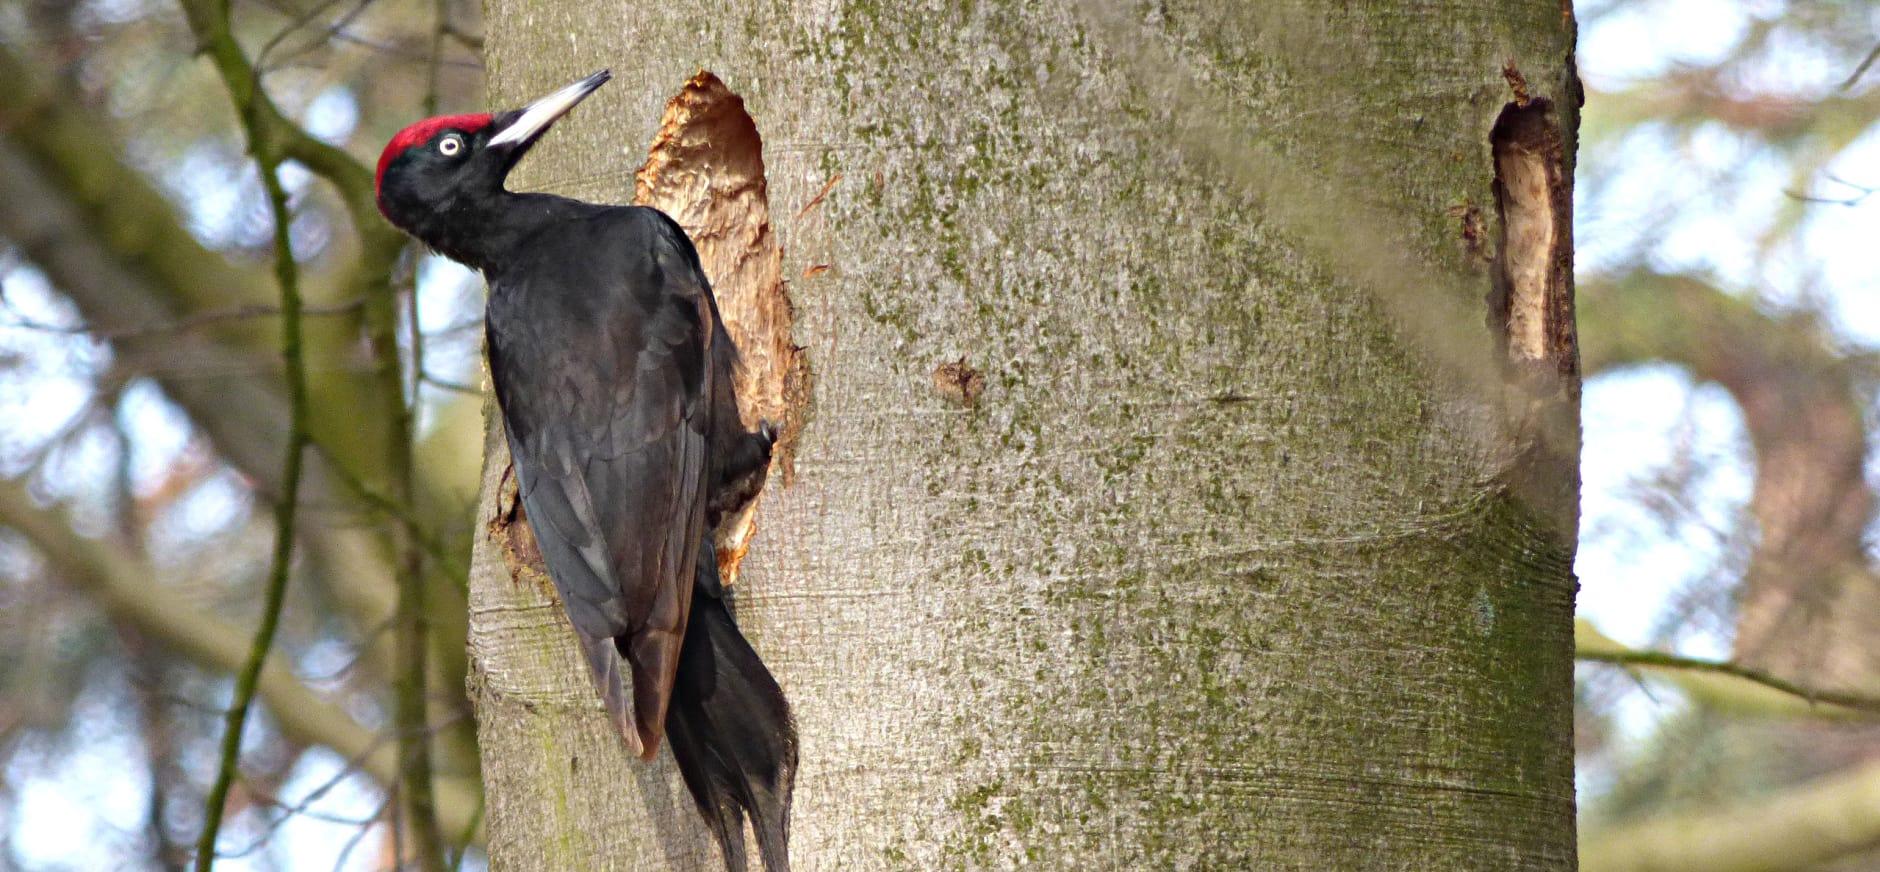 Opgelet: 'bever' van de Leuvenumse bossen aan het werk